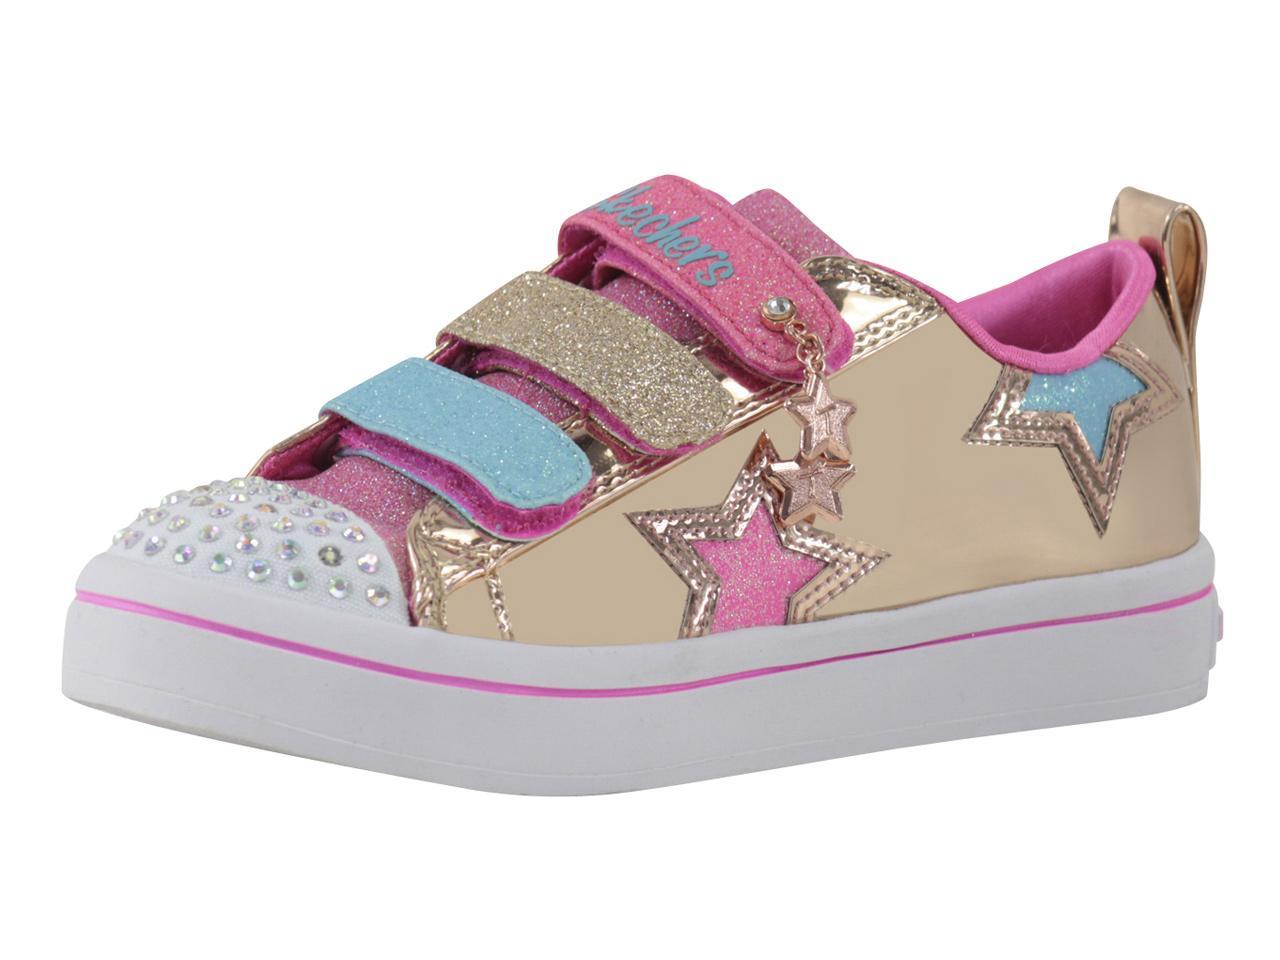 e95ca50ded138 Skechers Little Girl s S-Lights Twi-Lites Twinkle Starz Light Up Sneakers  Shoes by Skechers